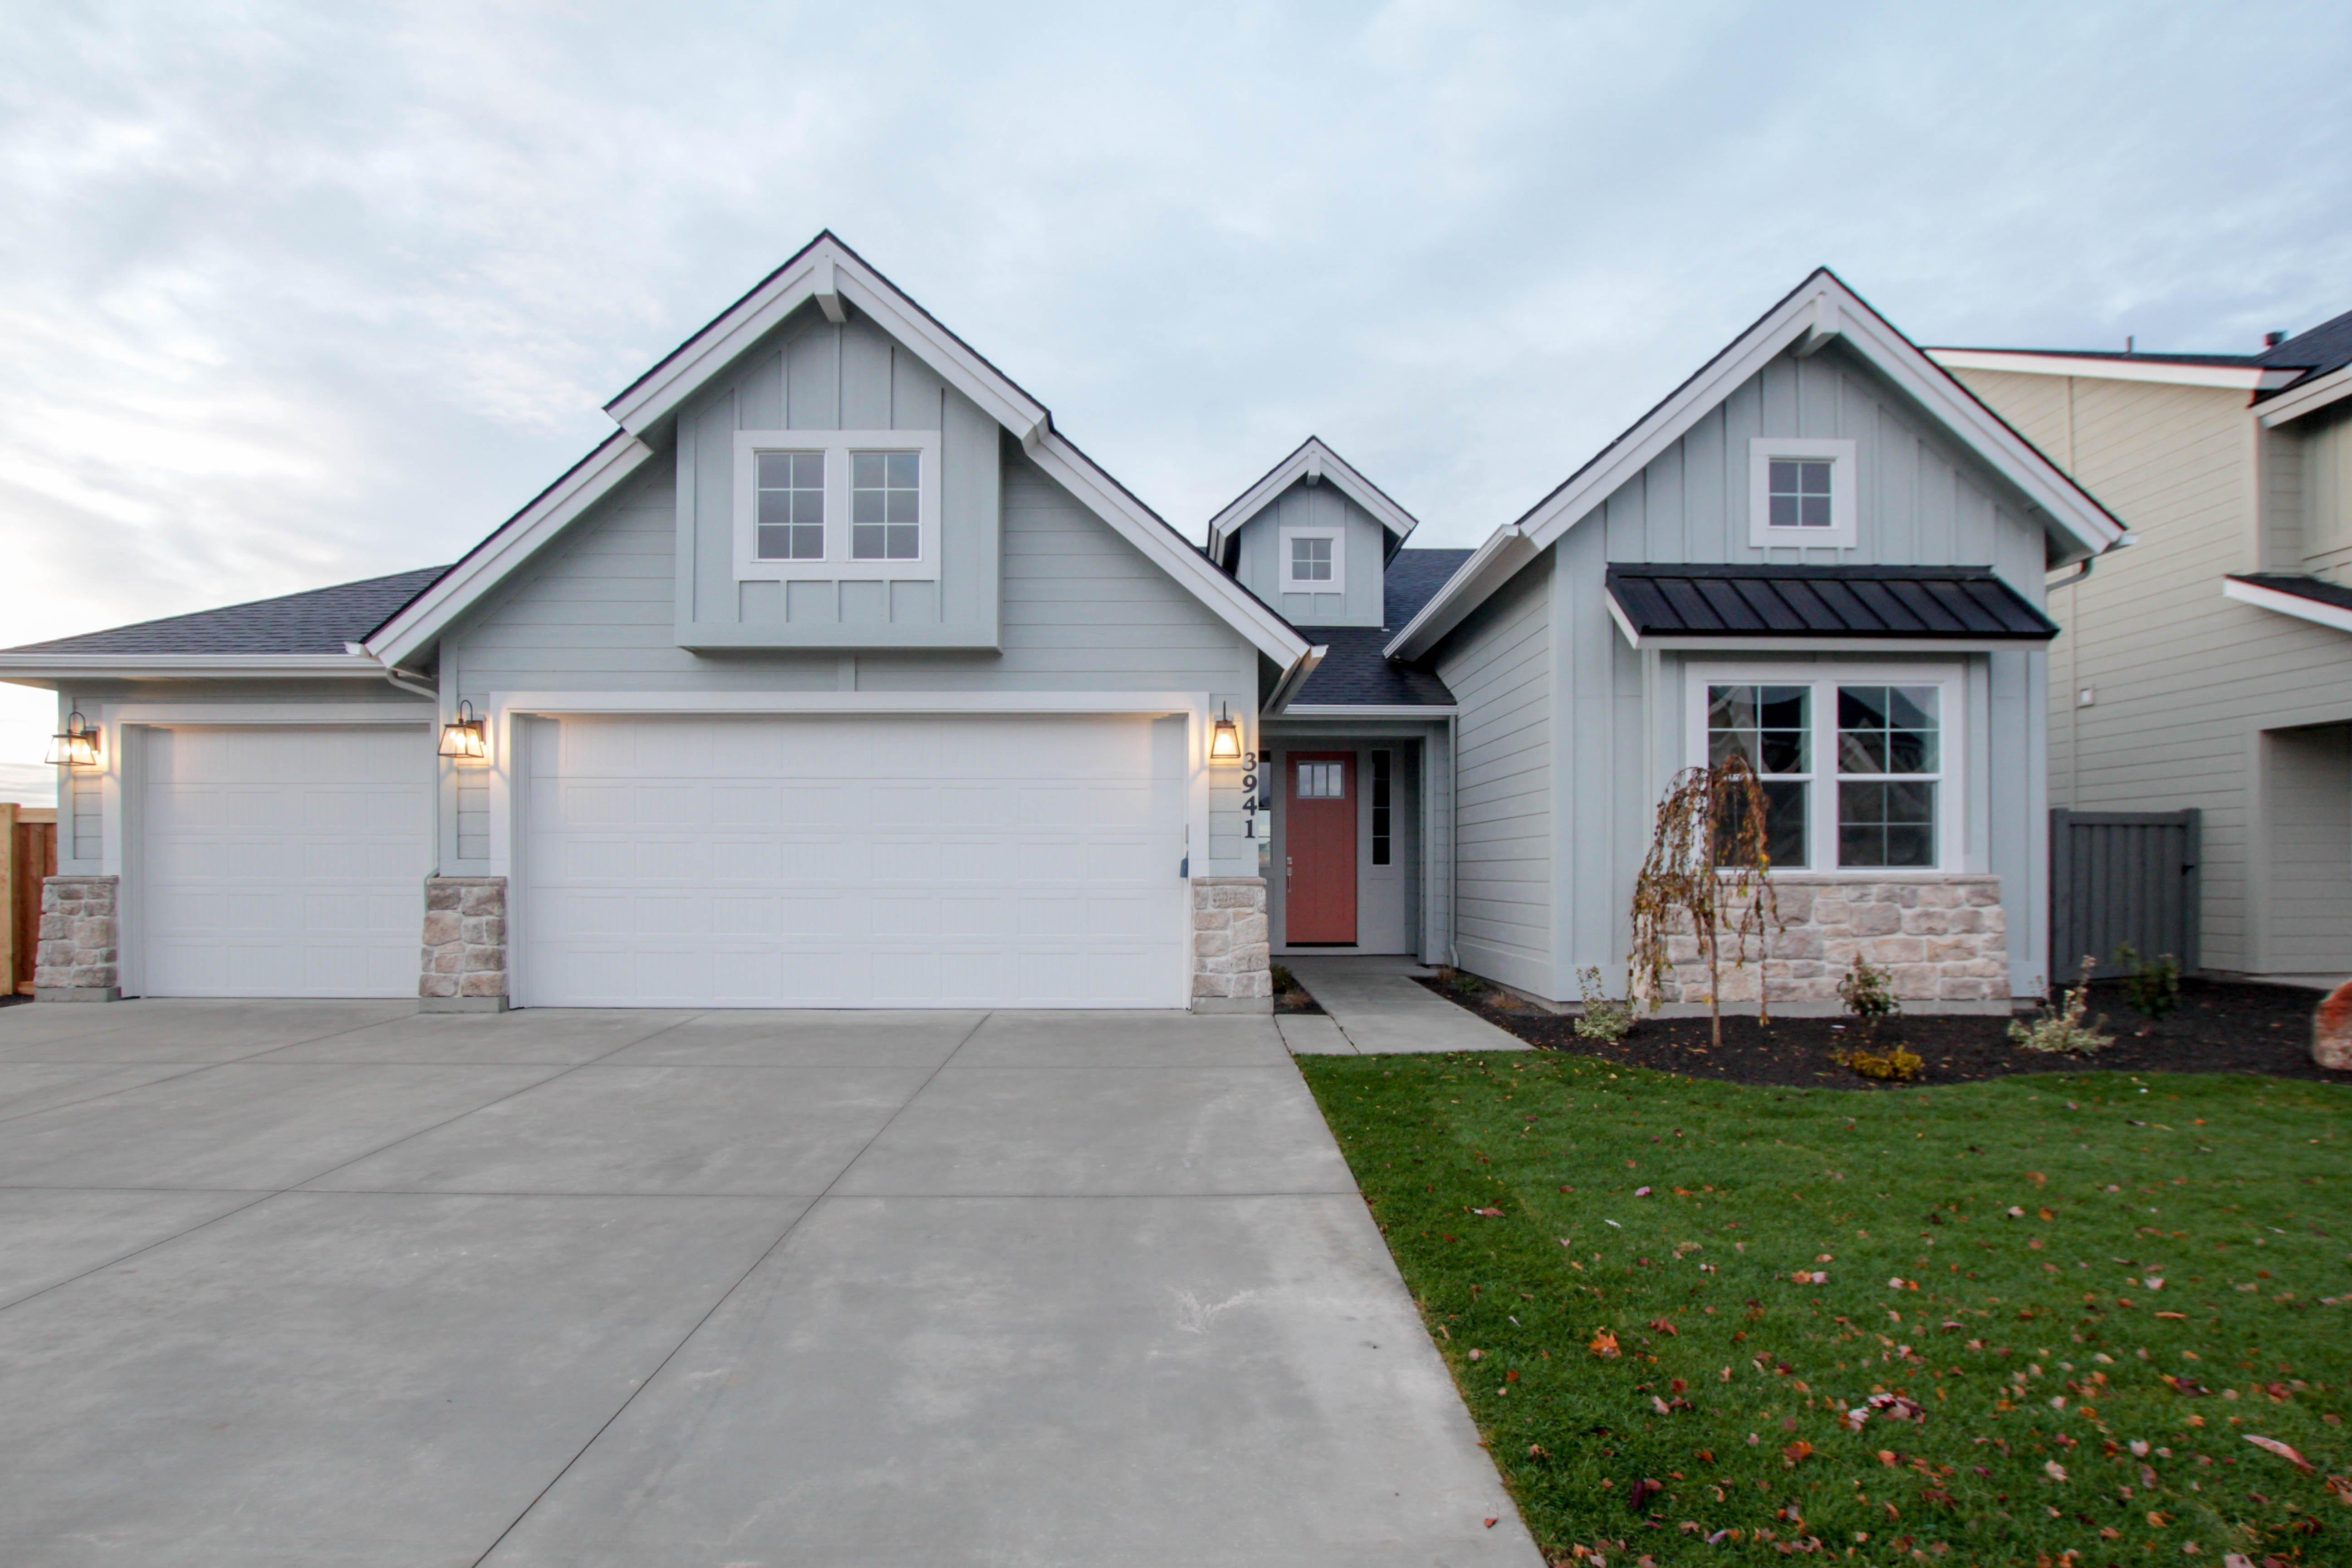 3940 E. Renwick St., Meridian, Idaho 83642